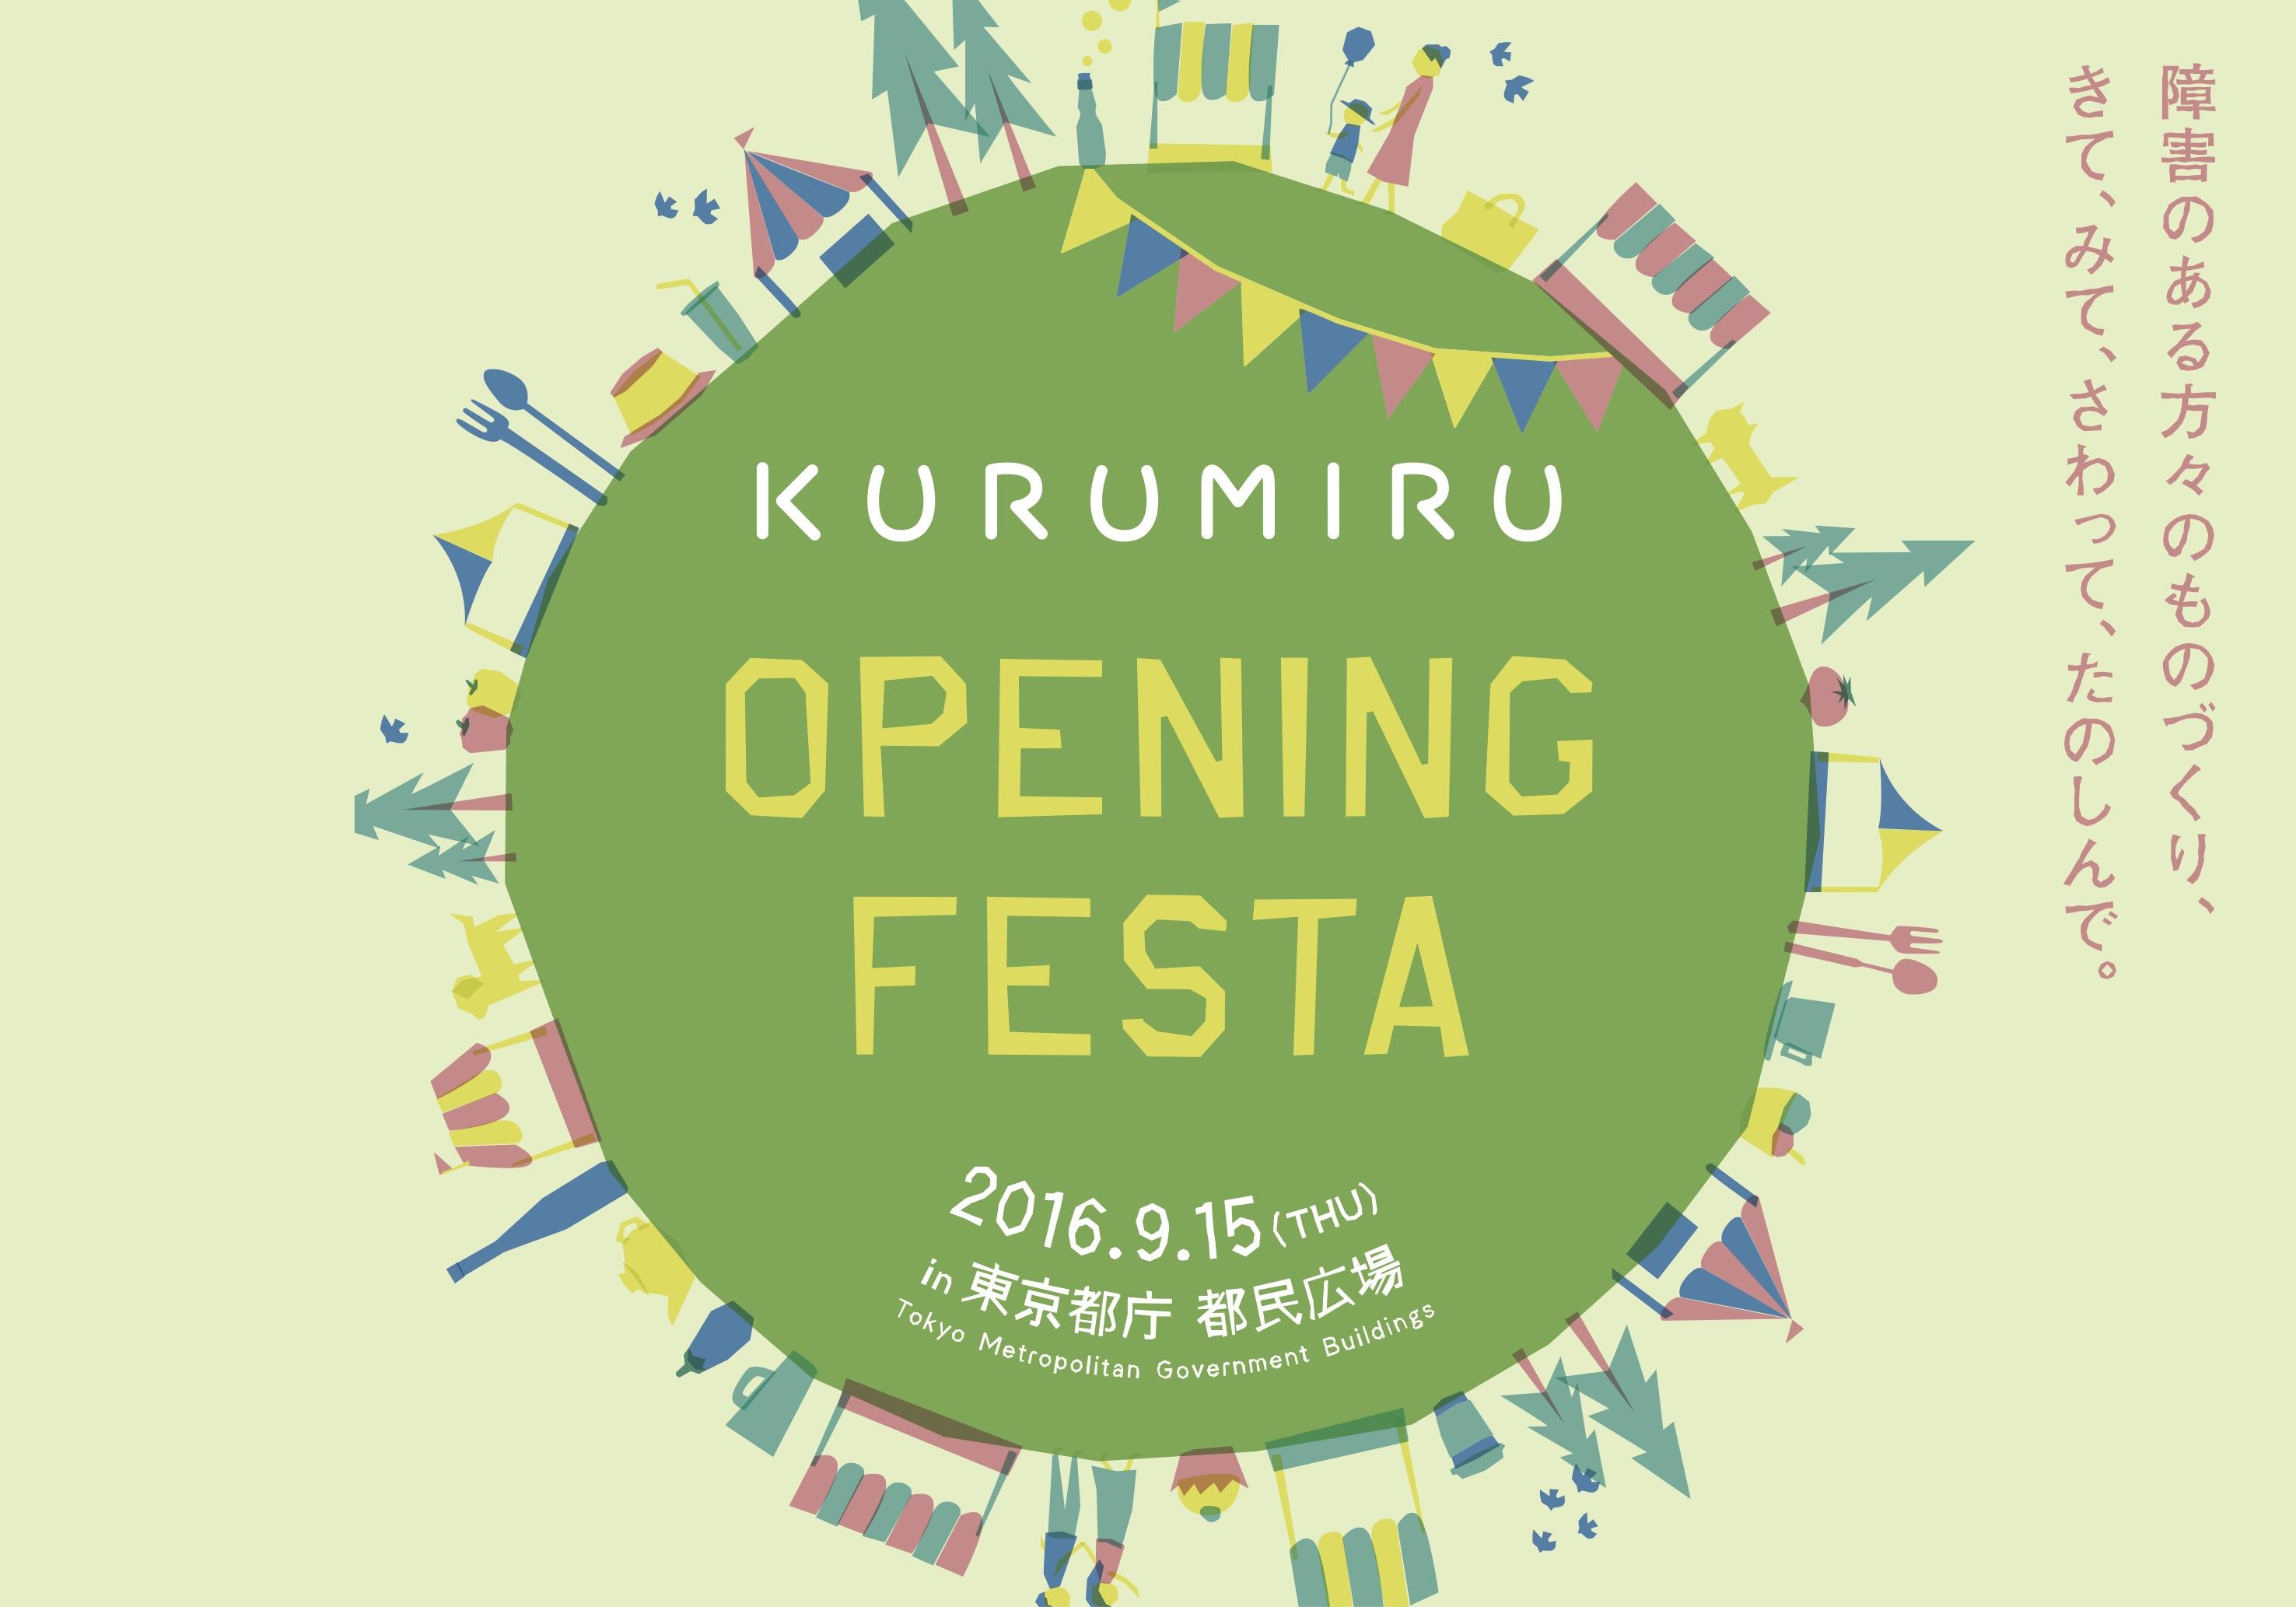 KURUMIRU OPENING FESTA を開催します!